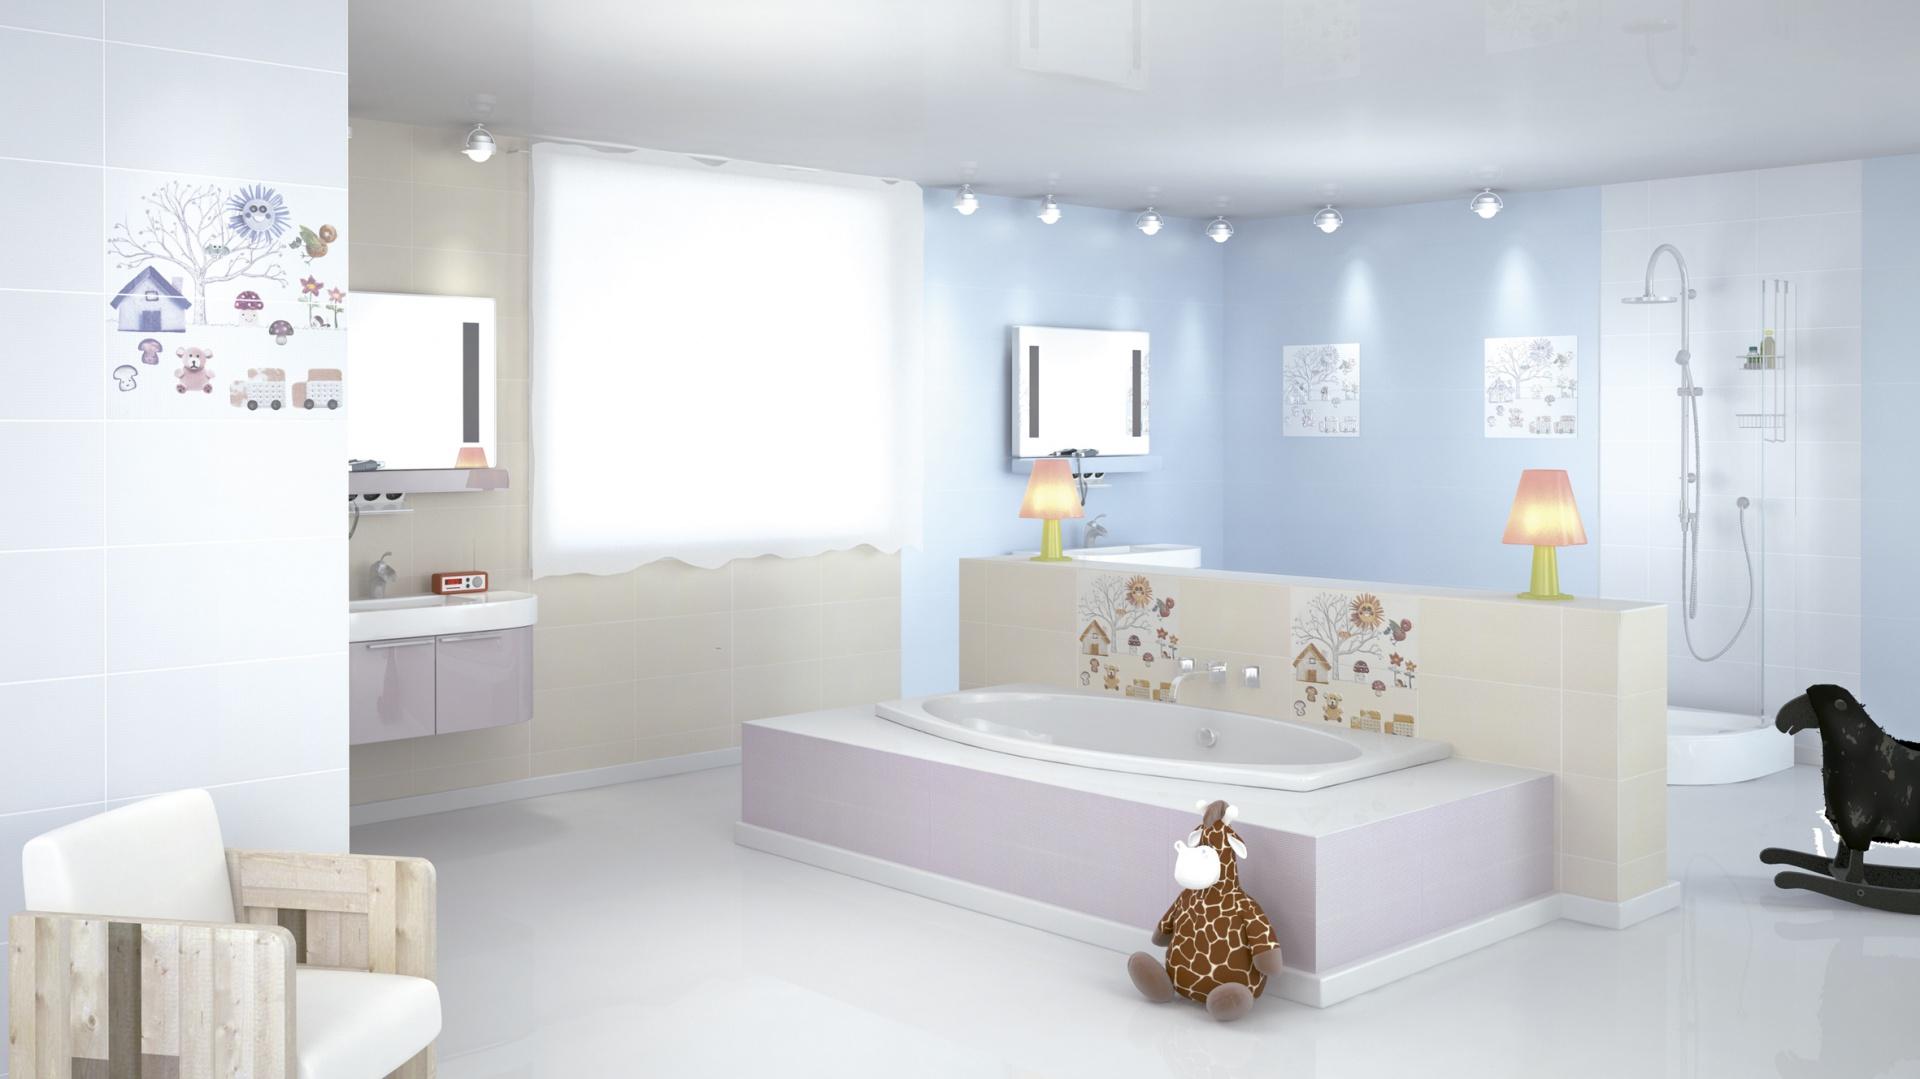 łazienka Dla Dziecka Kolorowa Bezpieczna I Wygodna